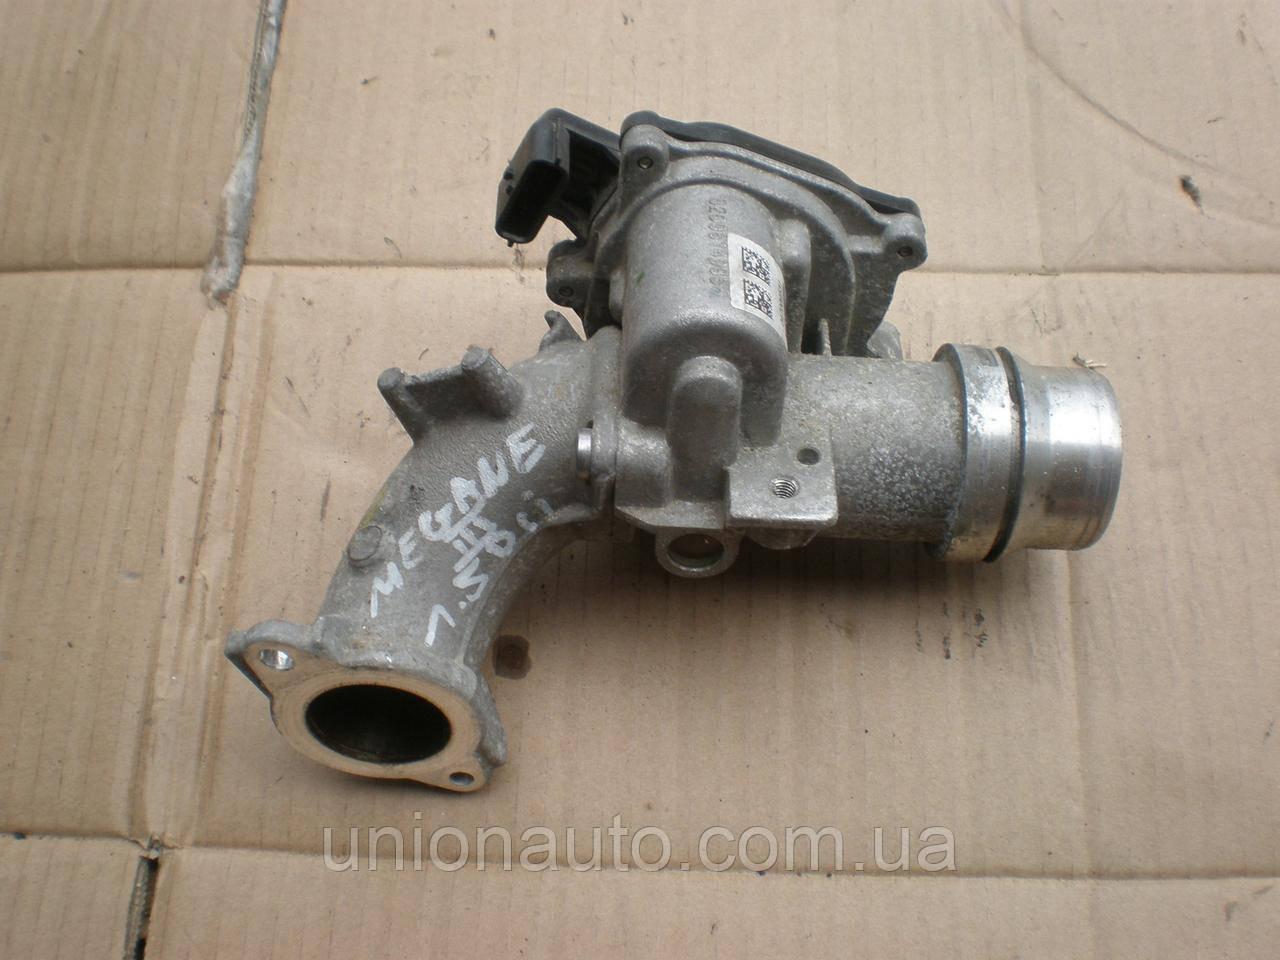 Дроссельная заслонка, Renault Megane III 1.5 DCI 8200614985